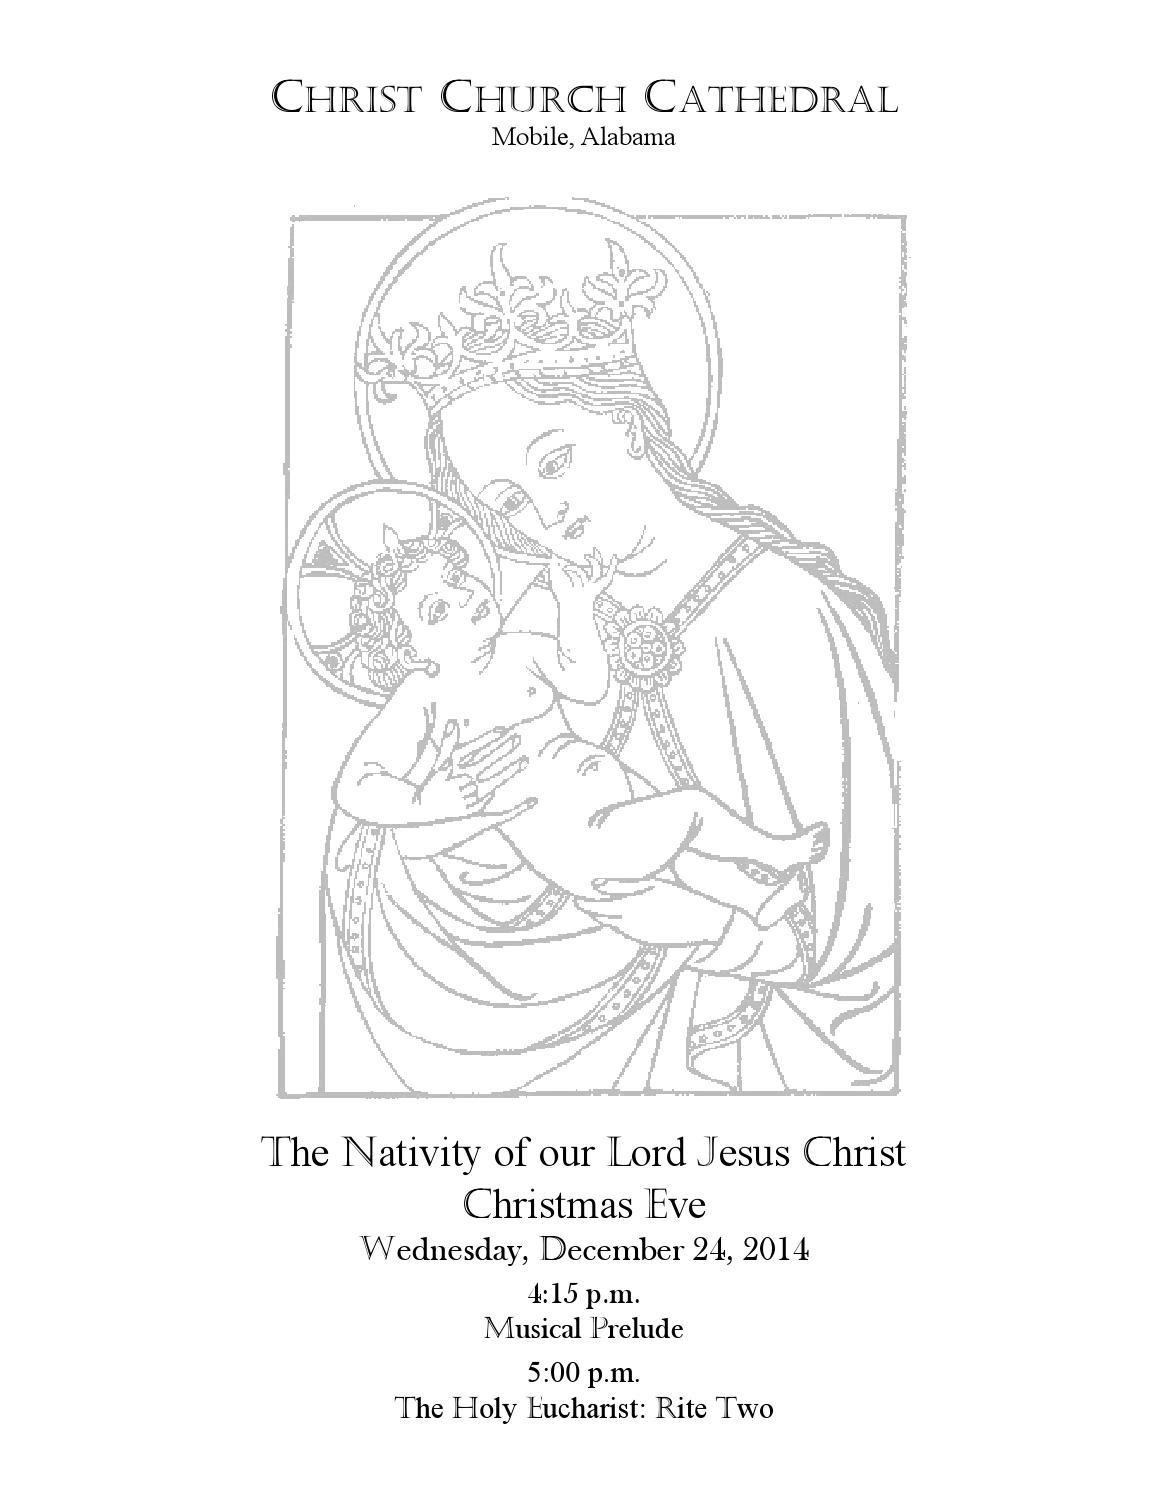 Christmas Eve Service Bulletin 2014 by Christ Church